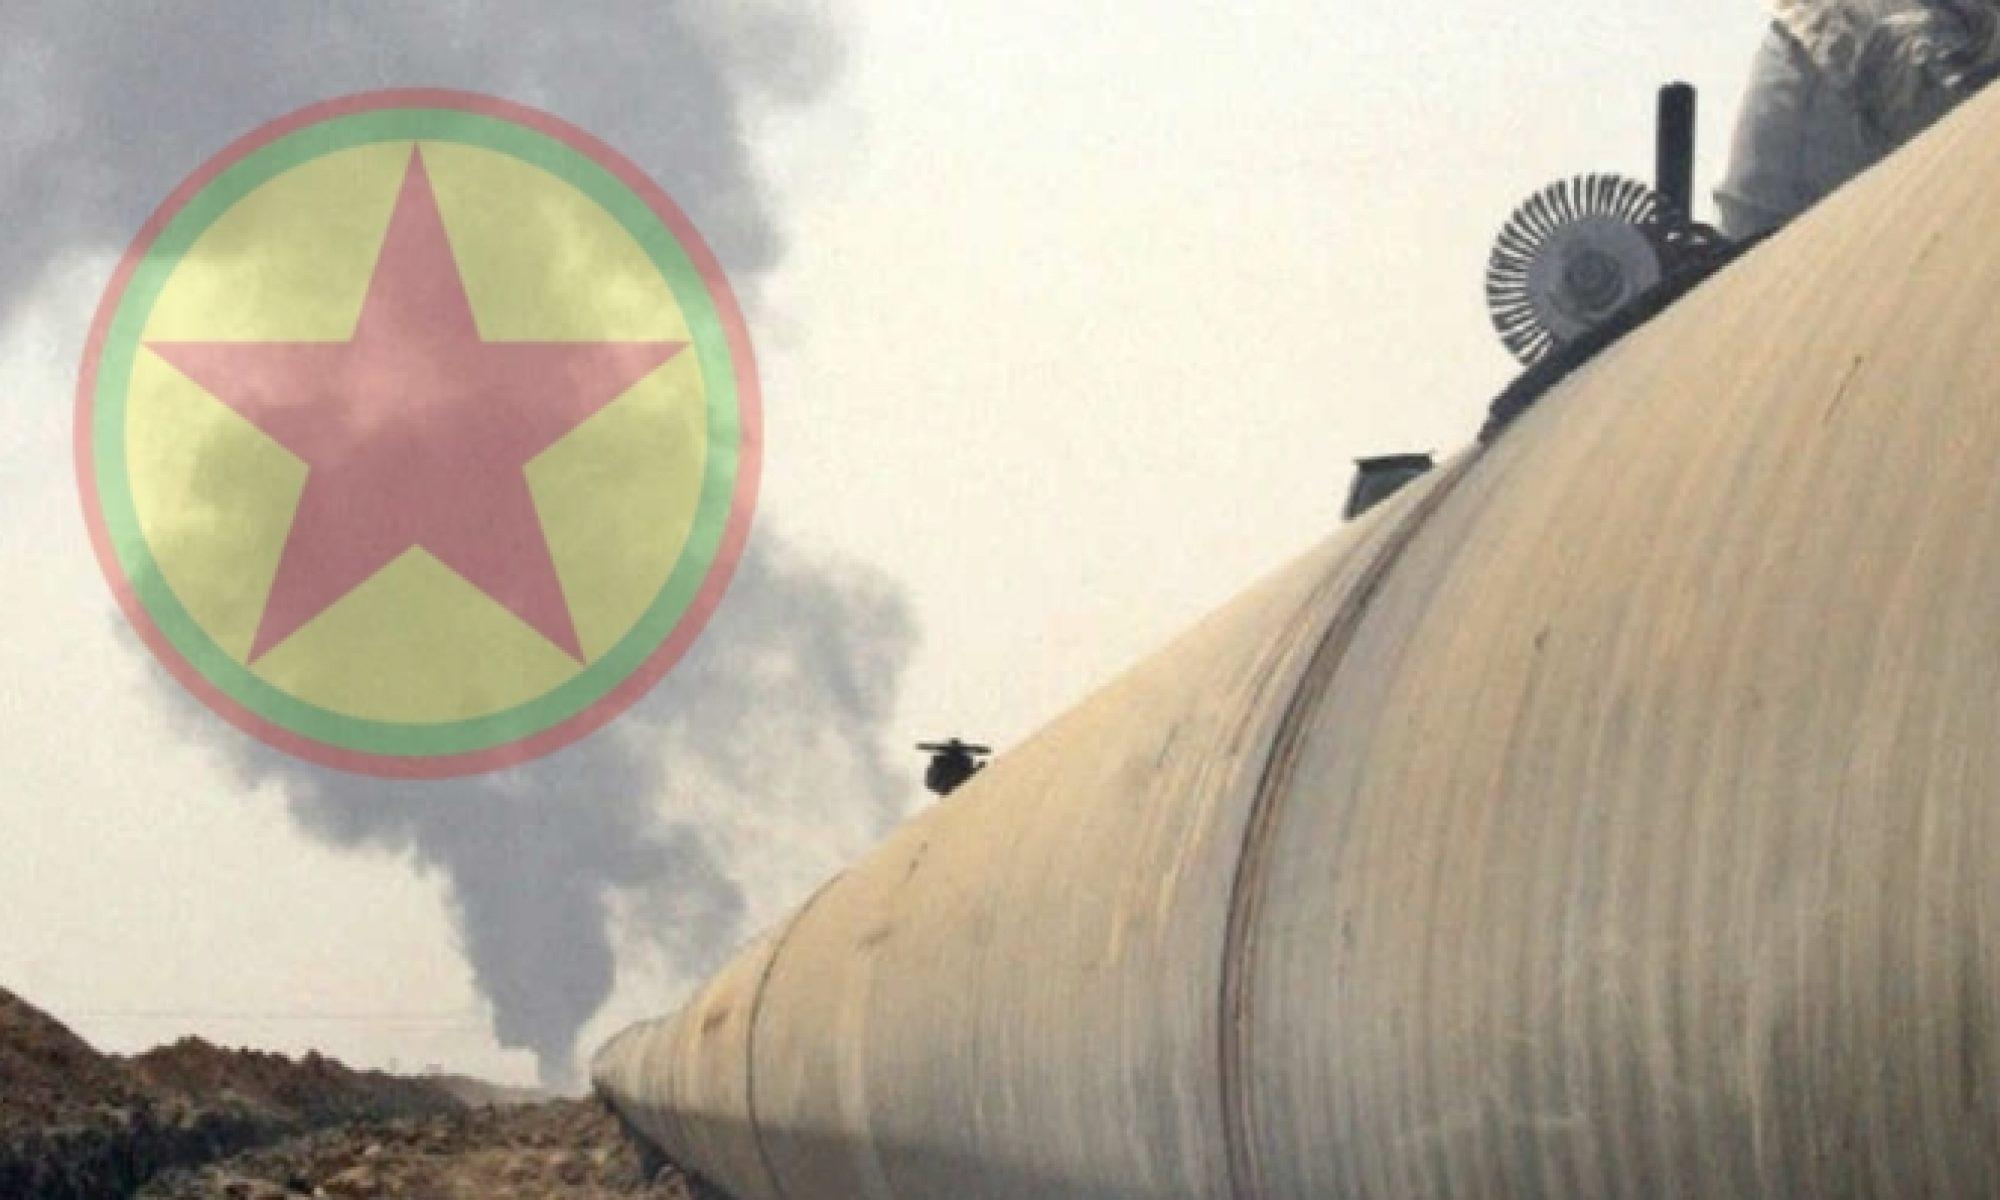 Petrol hatlarına saldırı terör saldırısıdır, Kerkük-Ceyhan Boru hattı, PKK, Kürdistan Bölgesel Yönetimi